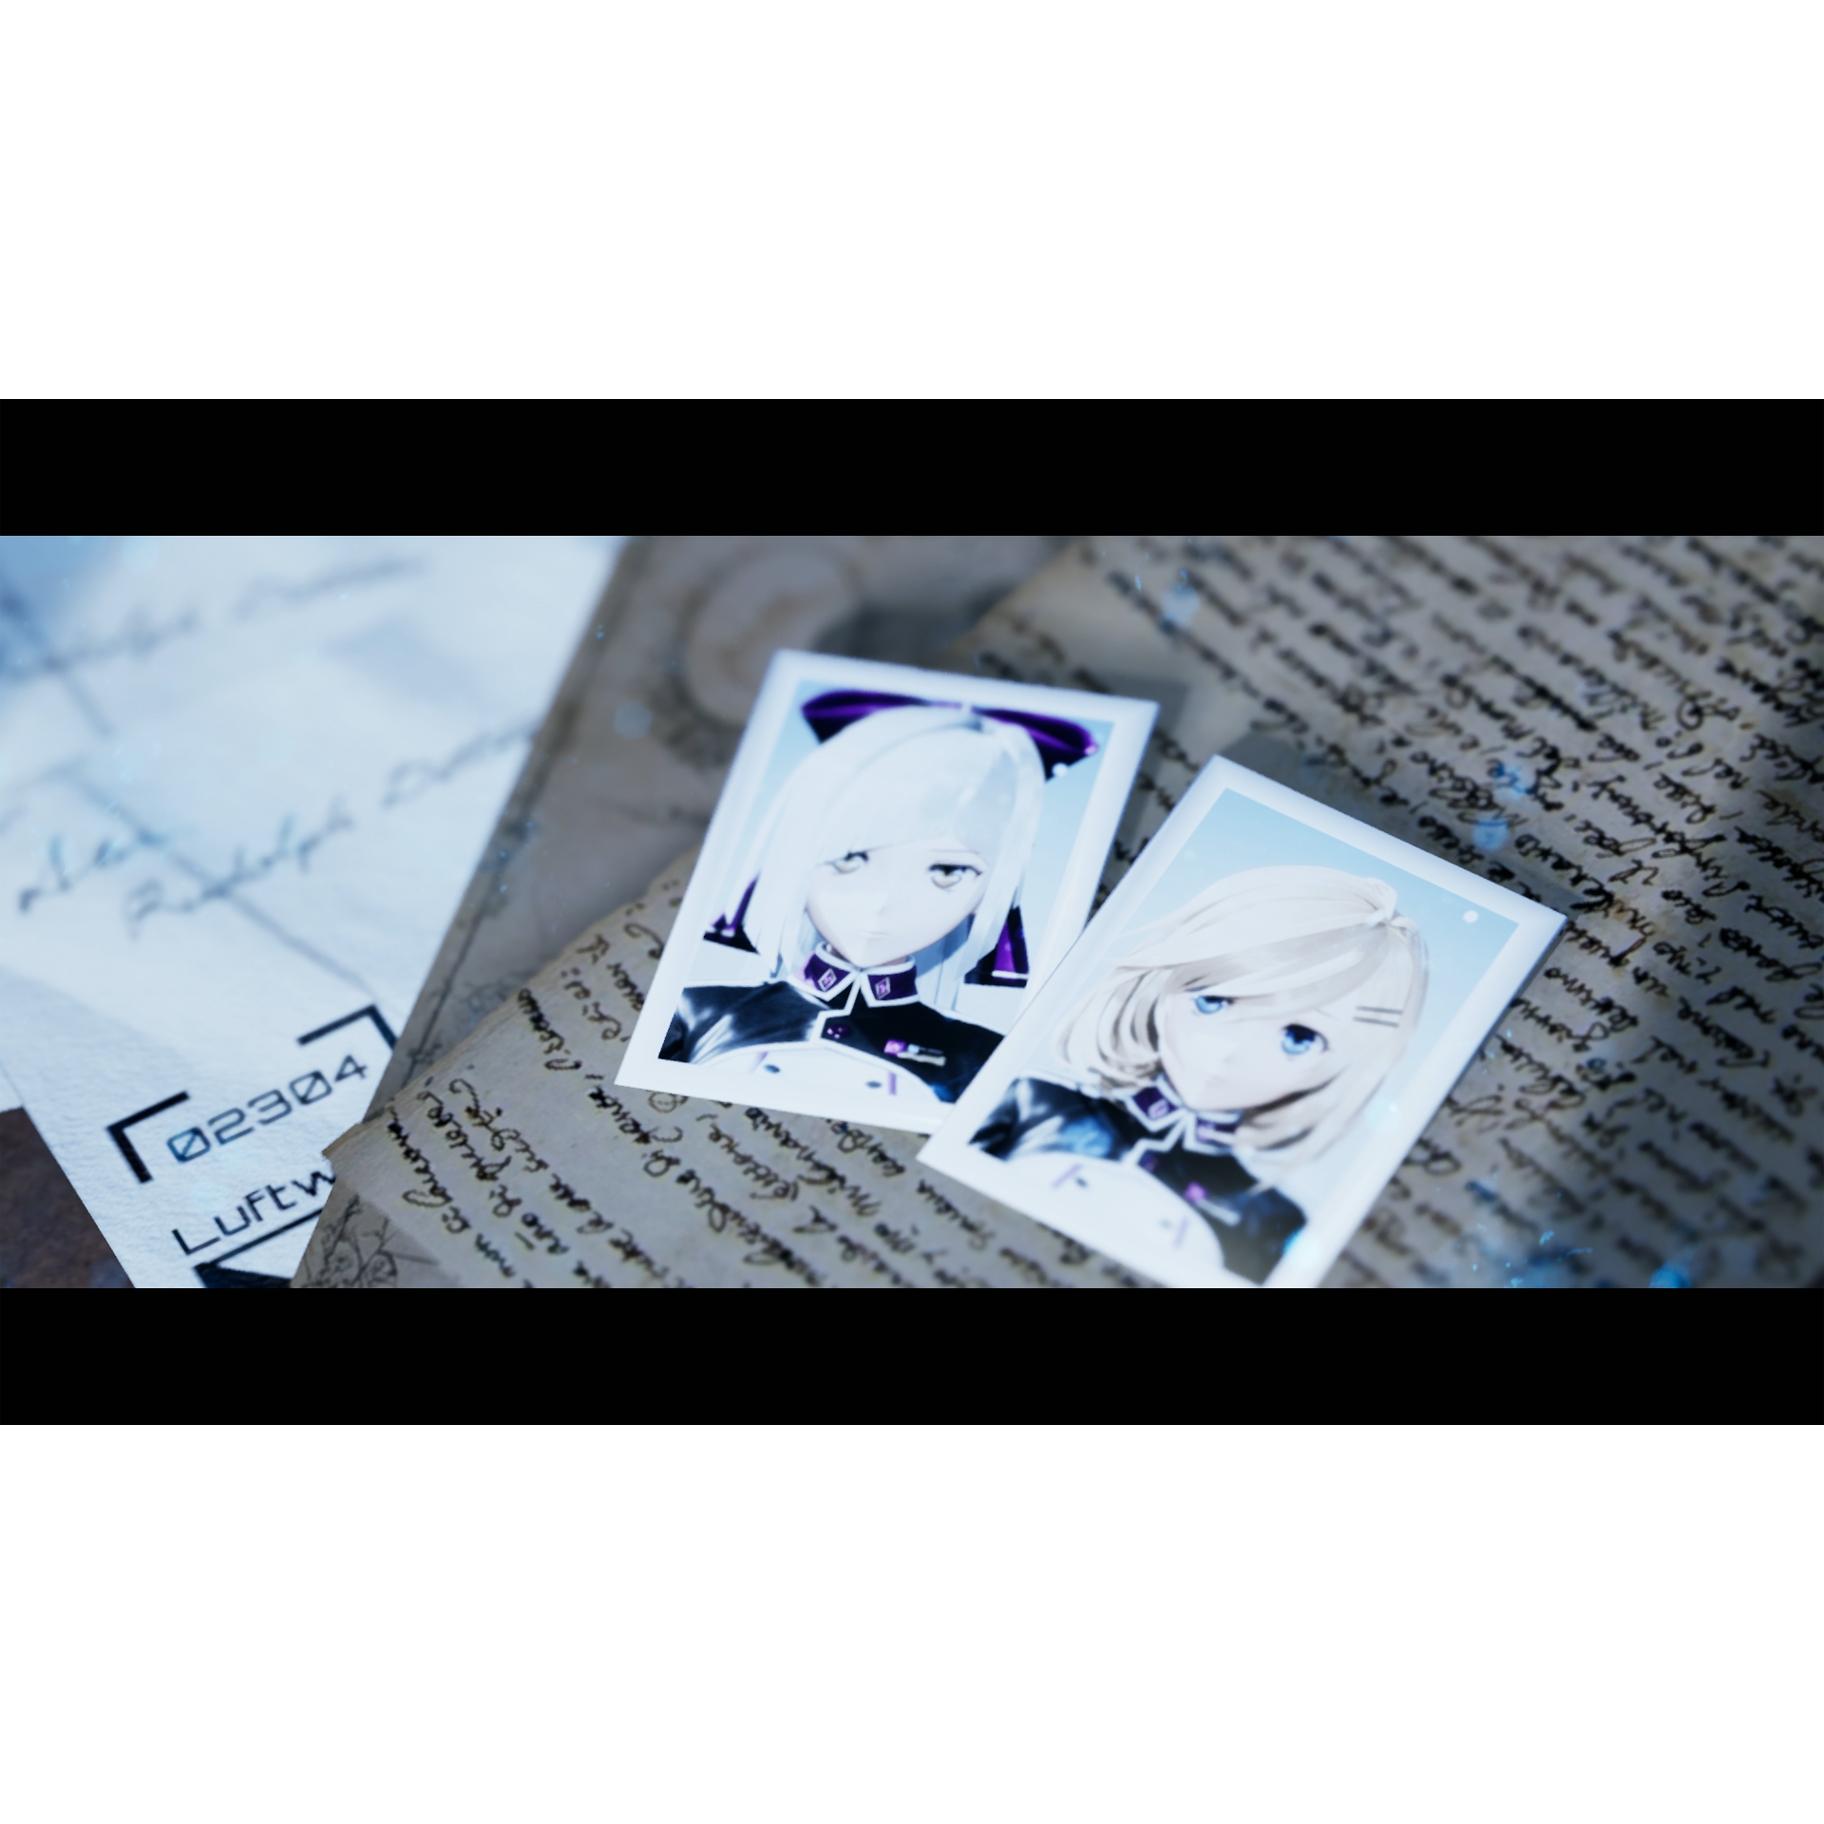 有翼のフロイライン 限定版 【Switchゲームソフト】_5